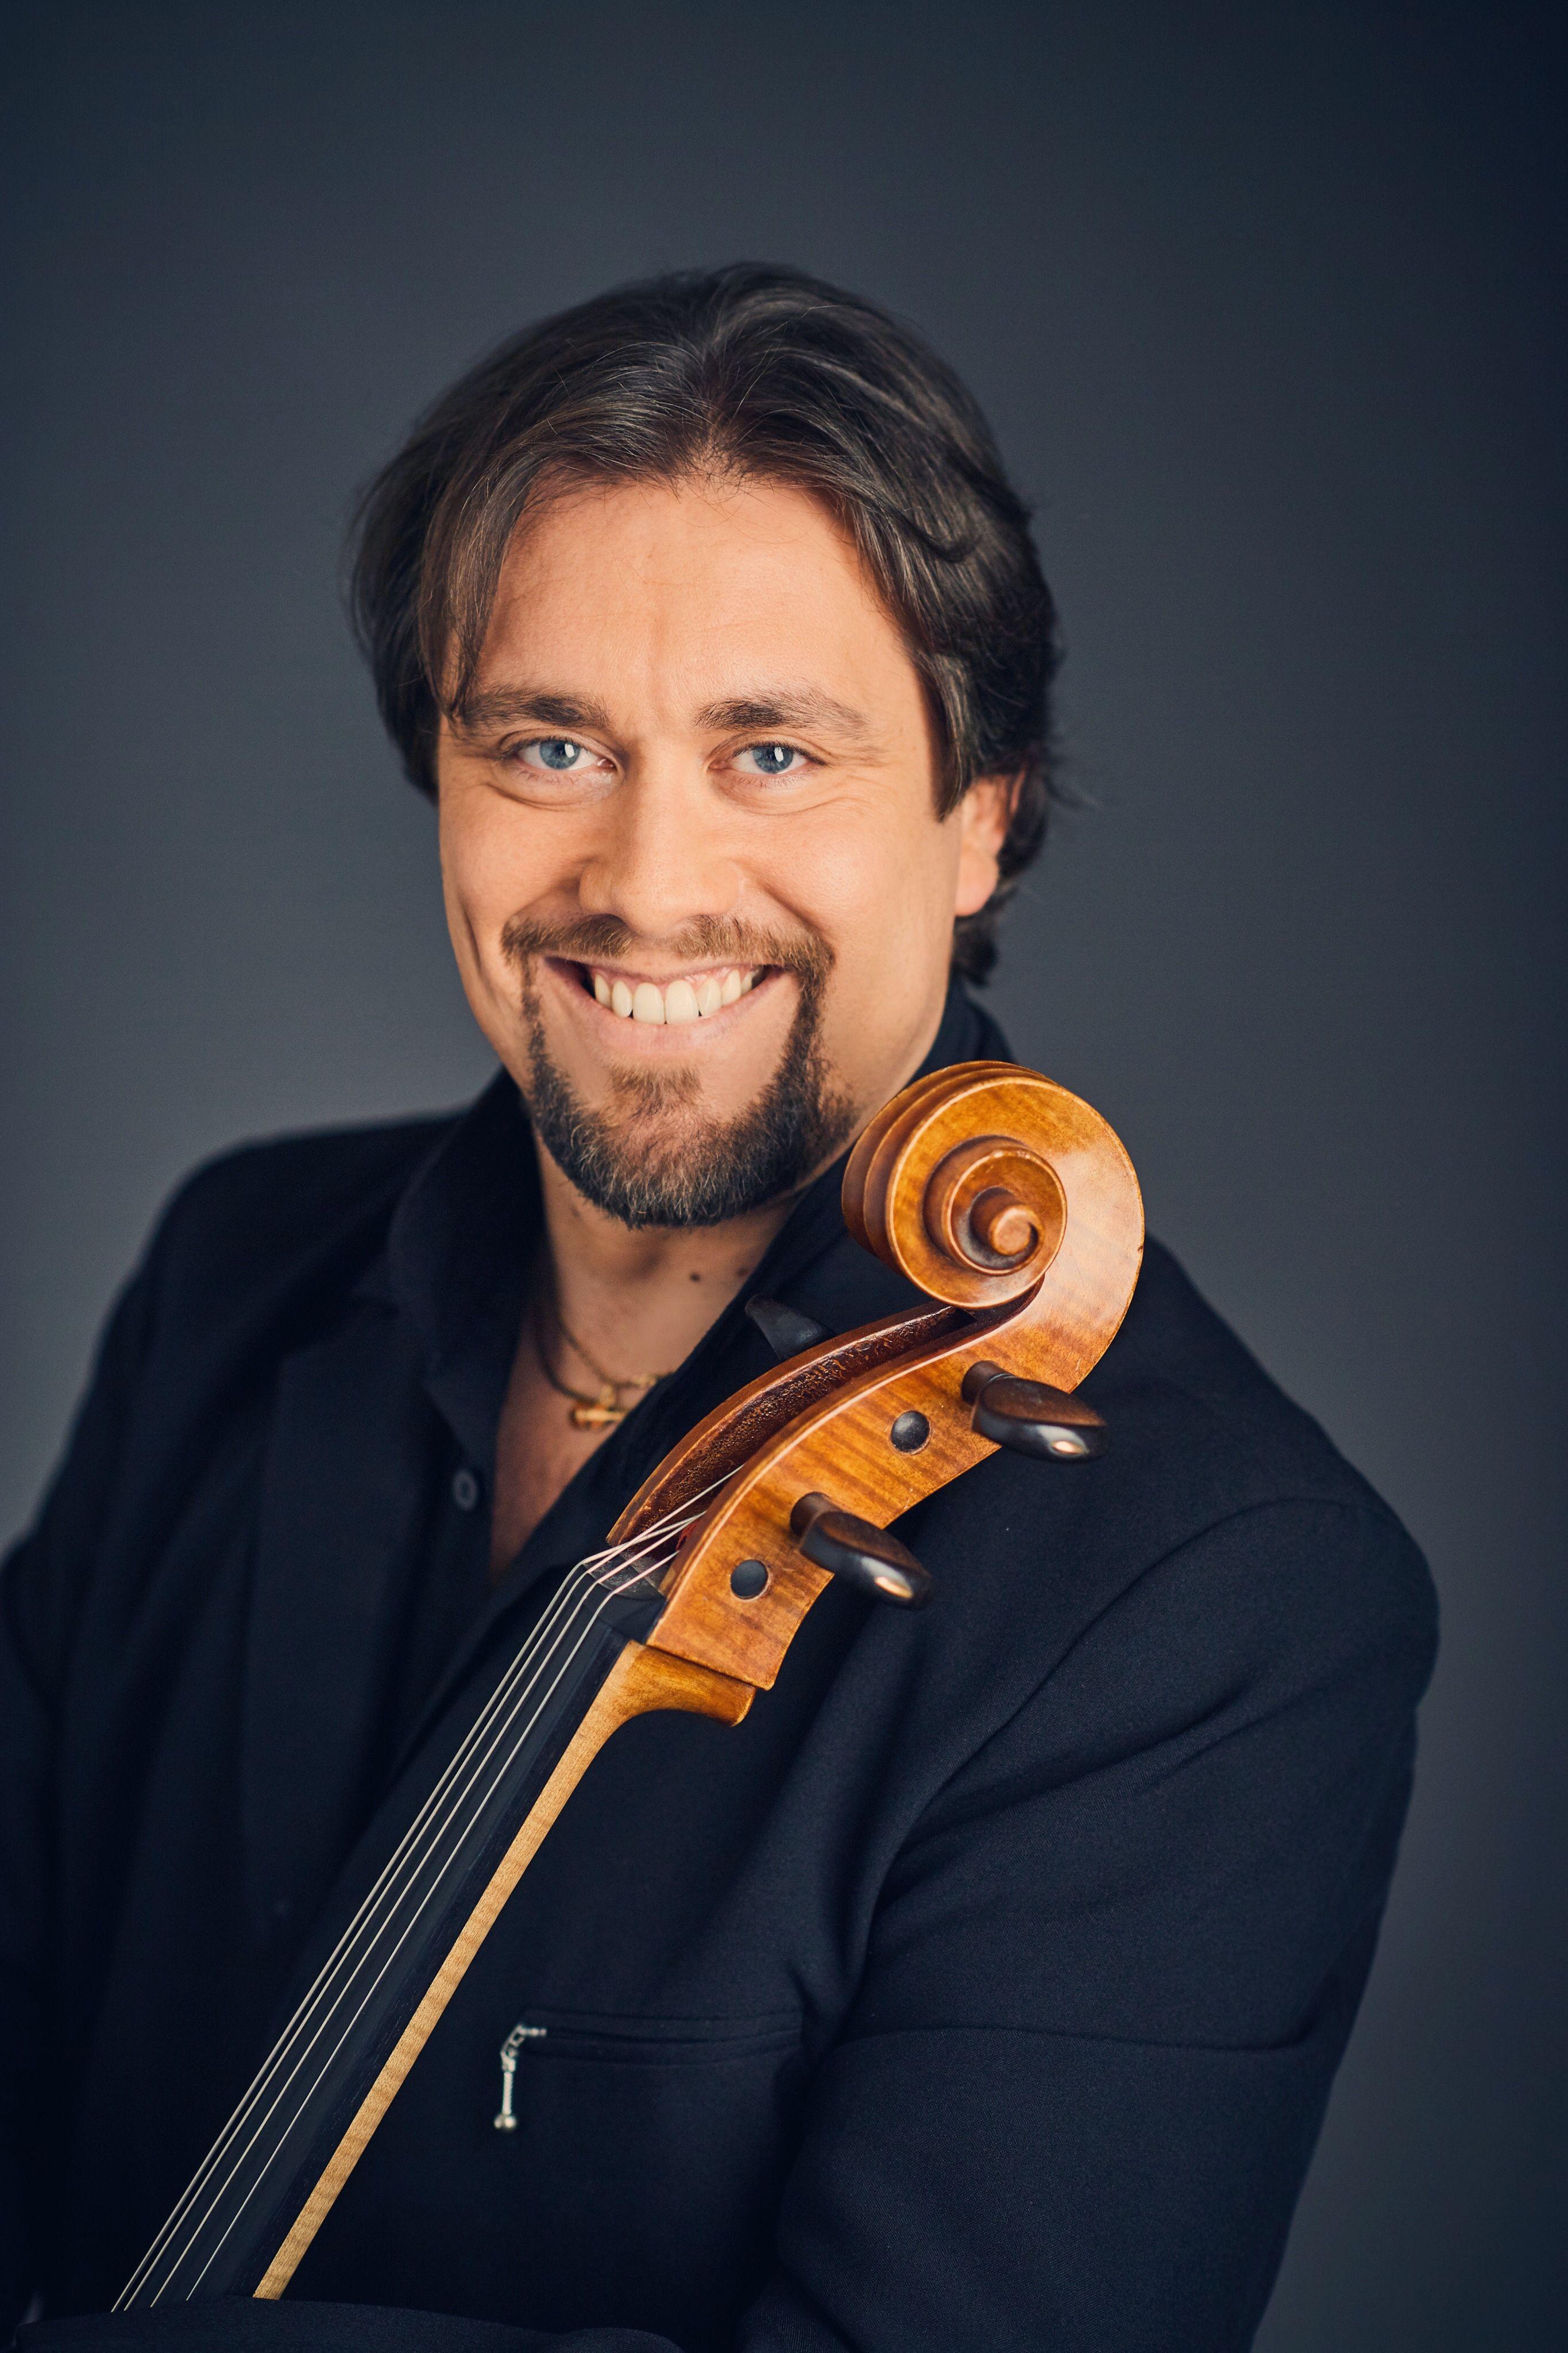 Afbeeldingsresultaat voor Alexandre Debrus, cello